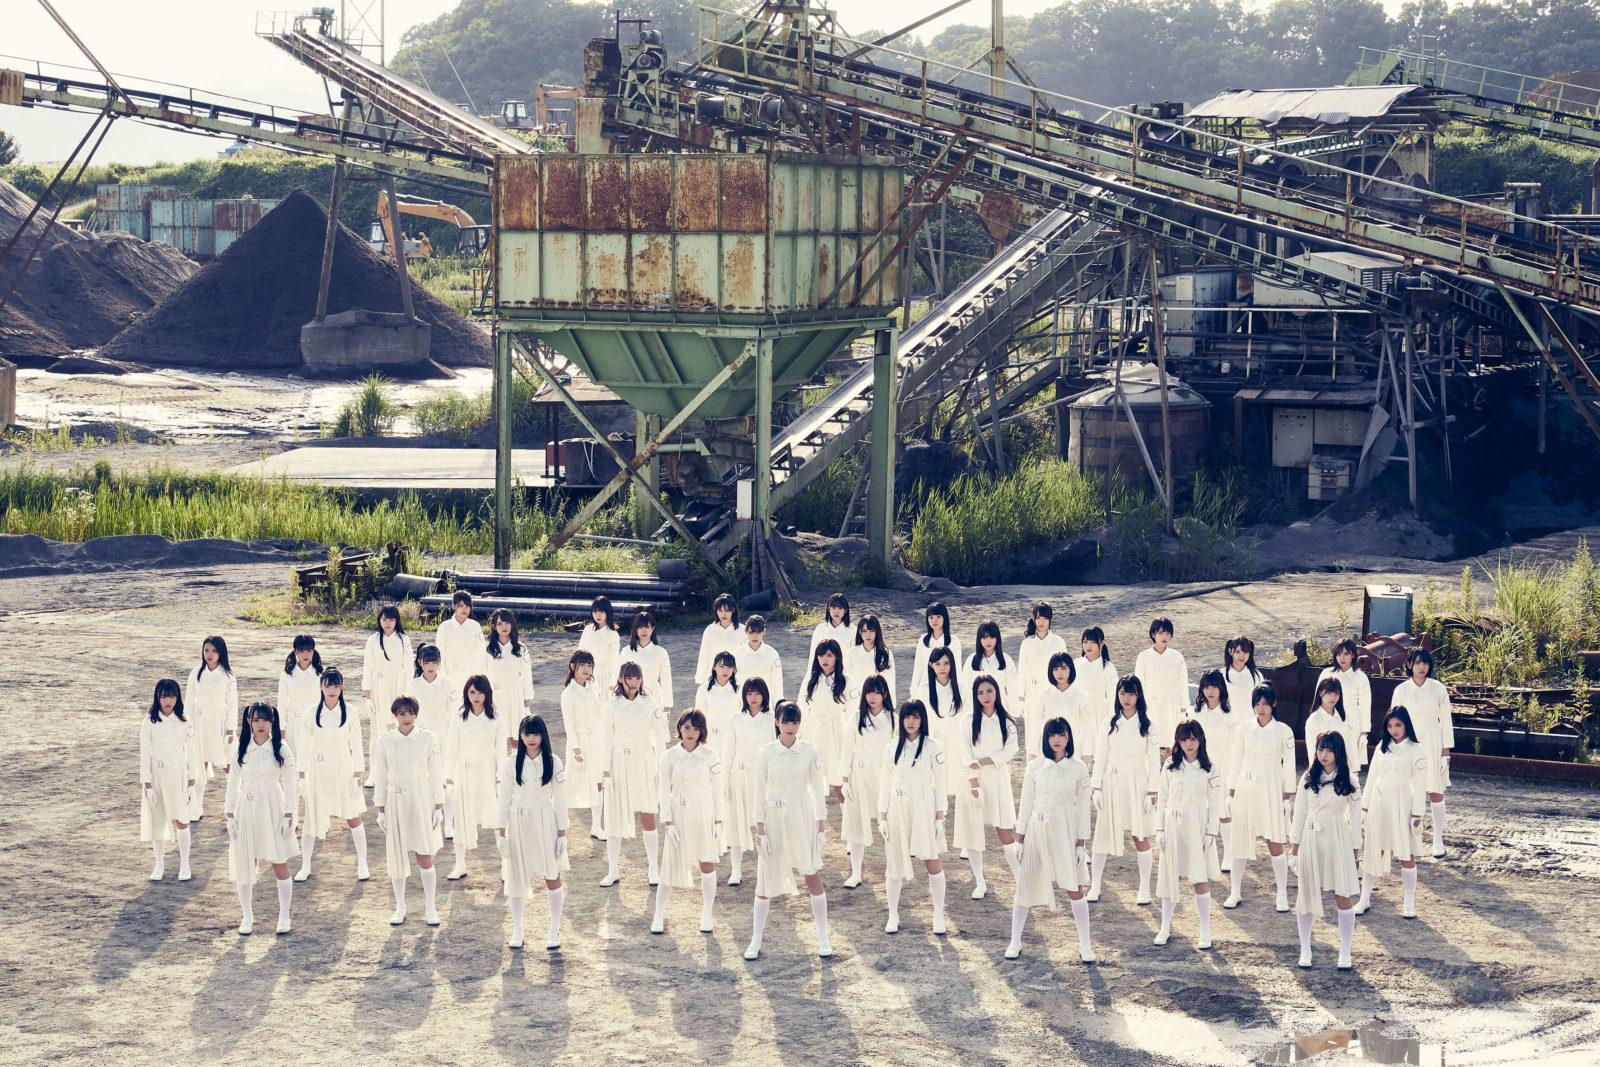 ラストアイドル、デビュー2周年記念クリスマスコンサート開催決定サムネイル画像